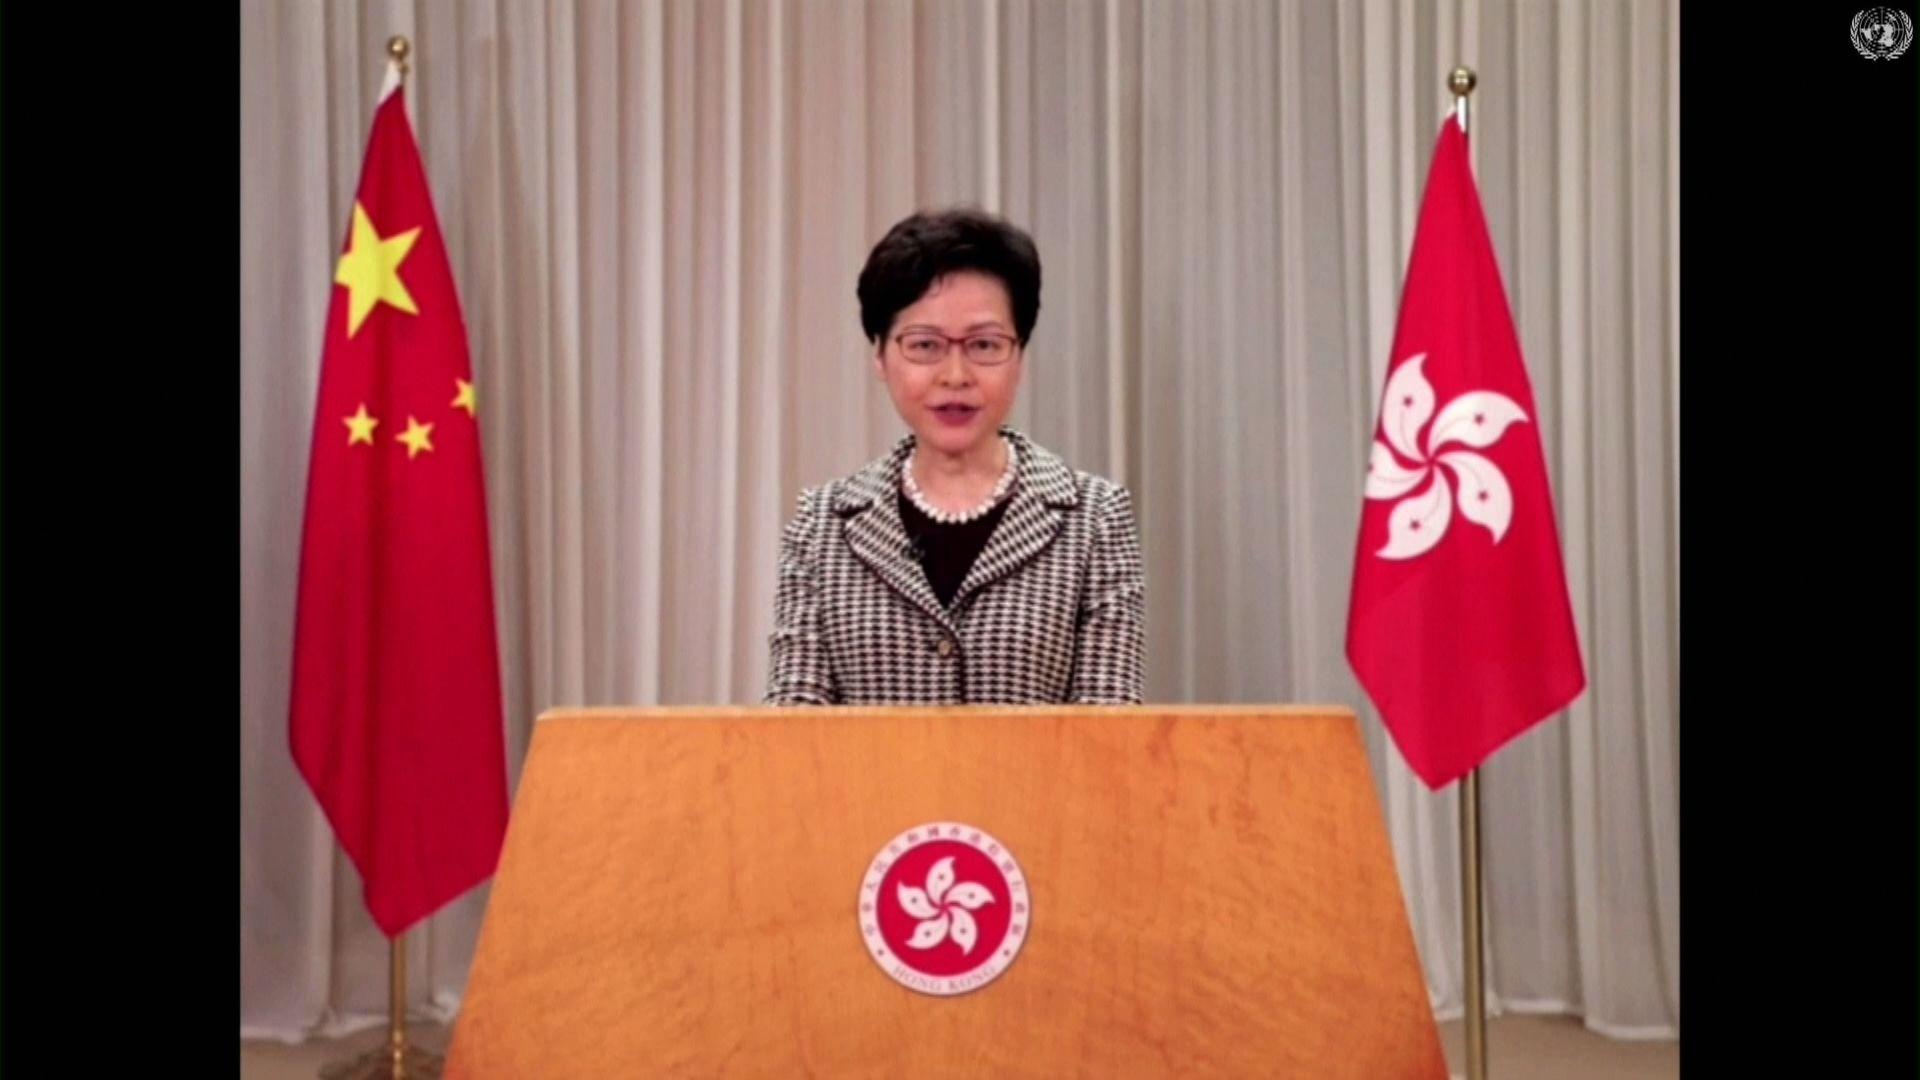 聯合國人權理事會發言 林鄭促尊重中國保障國家安全權利及港人追求穩定意願